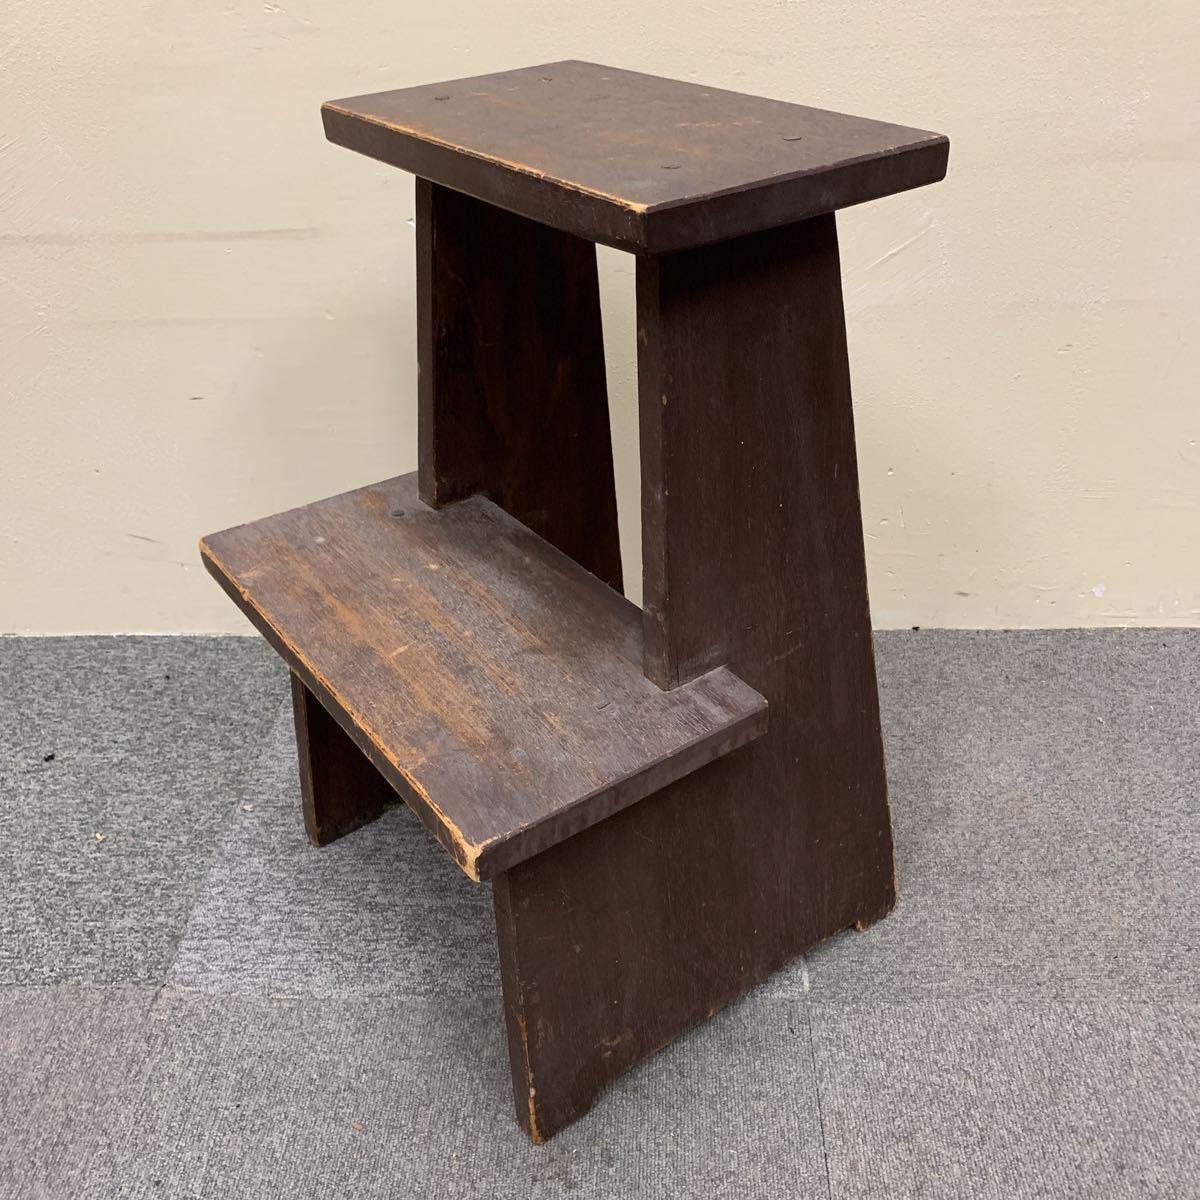 * 木製 スツール 踏み台 飾り棚 花台 ステップ ディスプレイ 陳列台 レトロ アンティーク 格安売り切りスタート◎_画像2